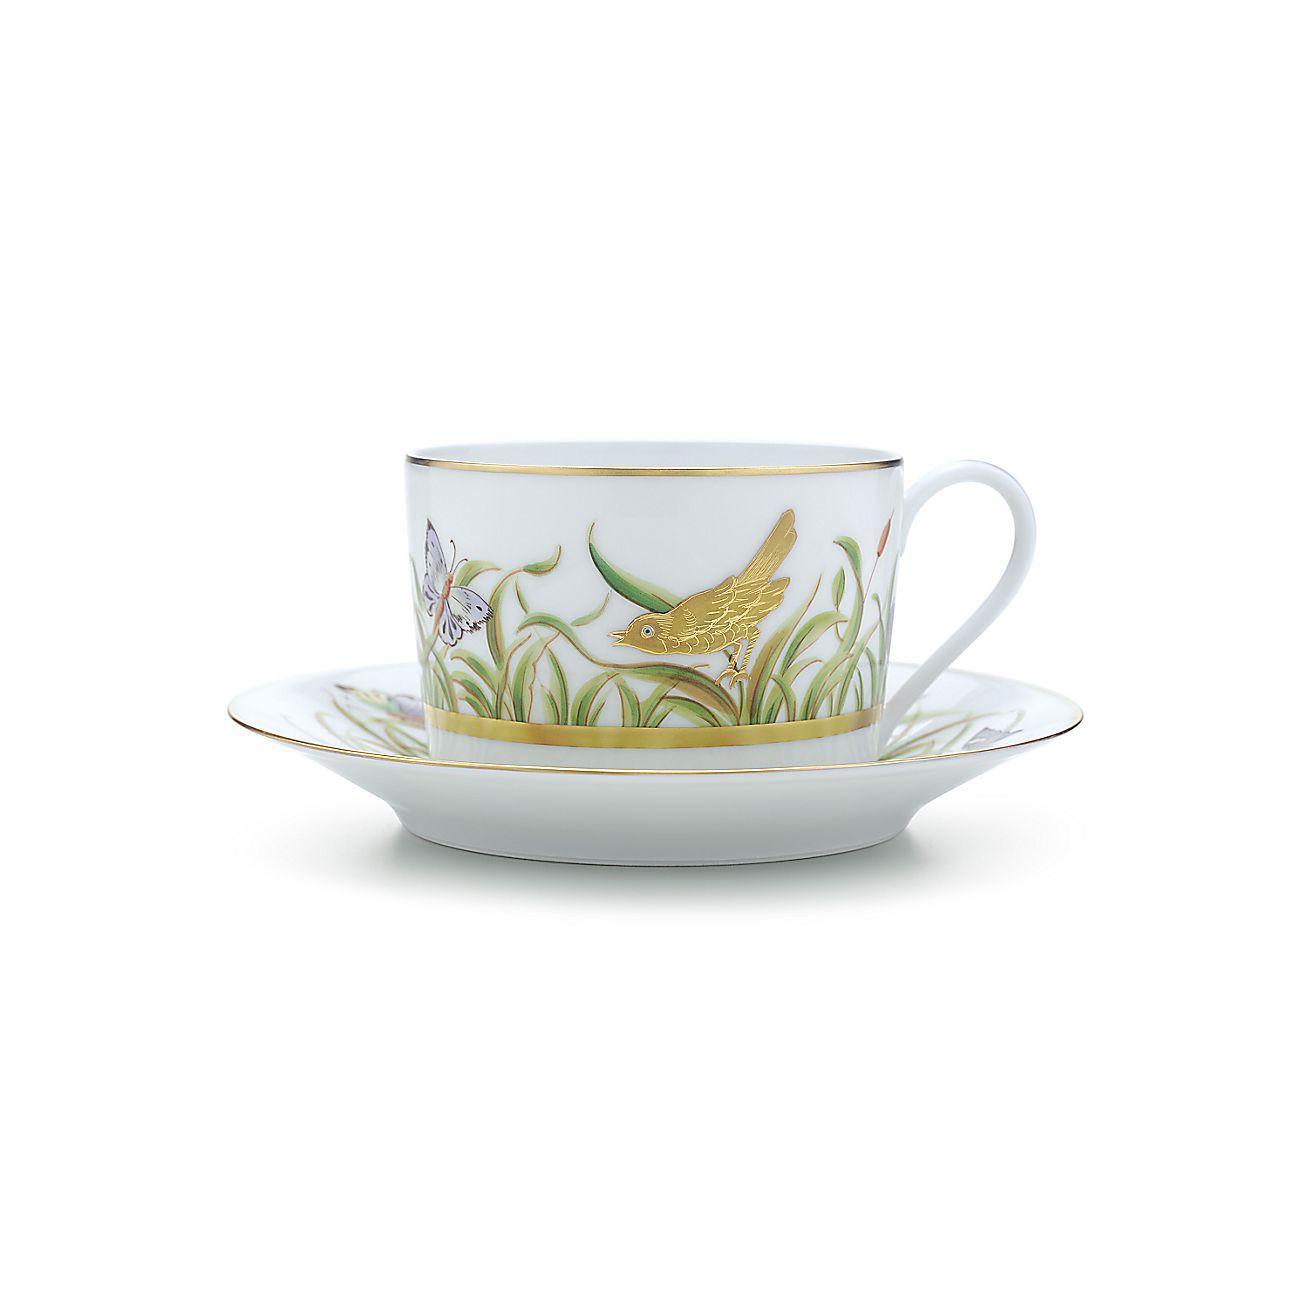 Jardin:Teacup and Saucer